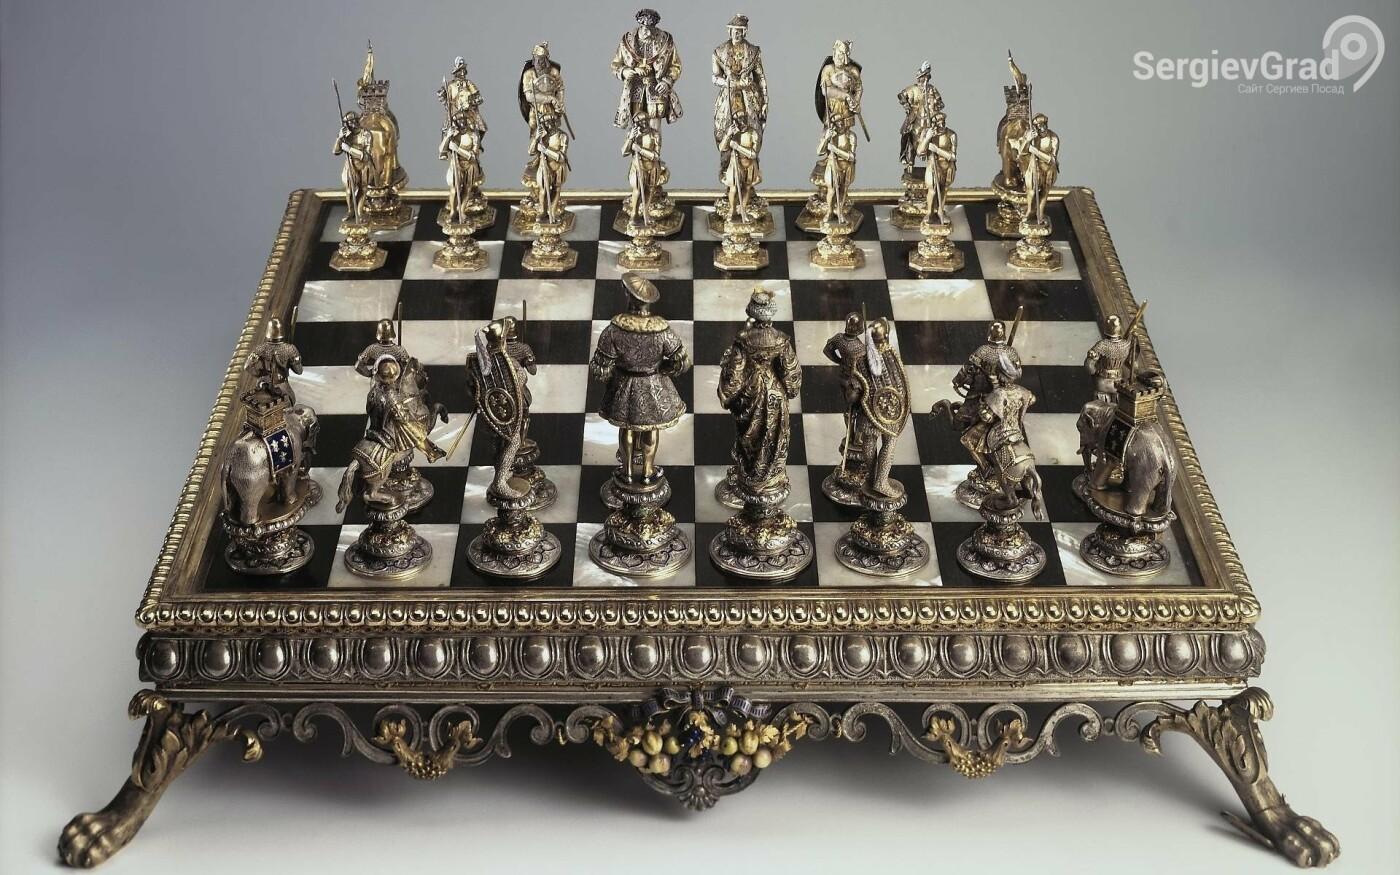 Шахматы, 1850 г., произведены в Германии, Фирма «Висхаупт К.М. и Сыновья», хранятся в Эрмитаже